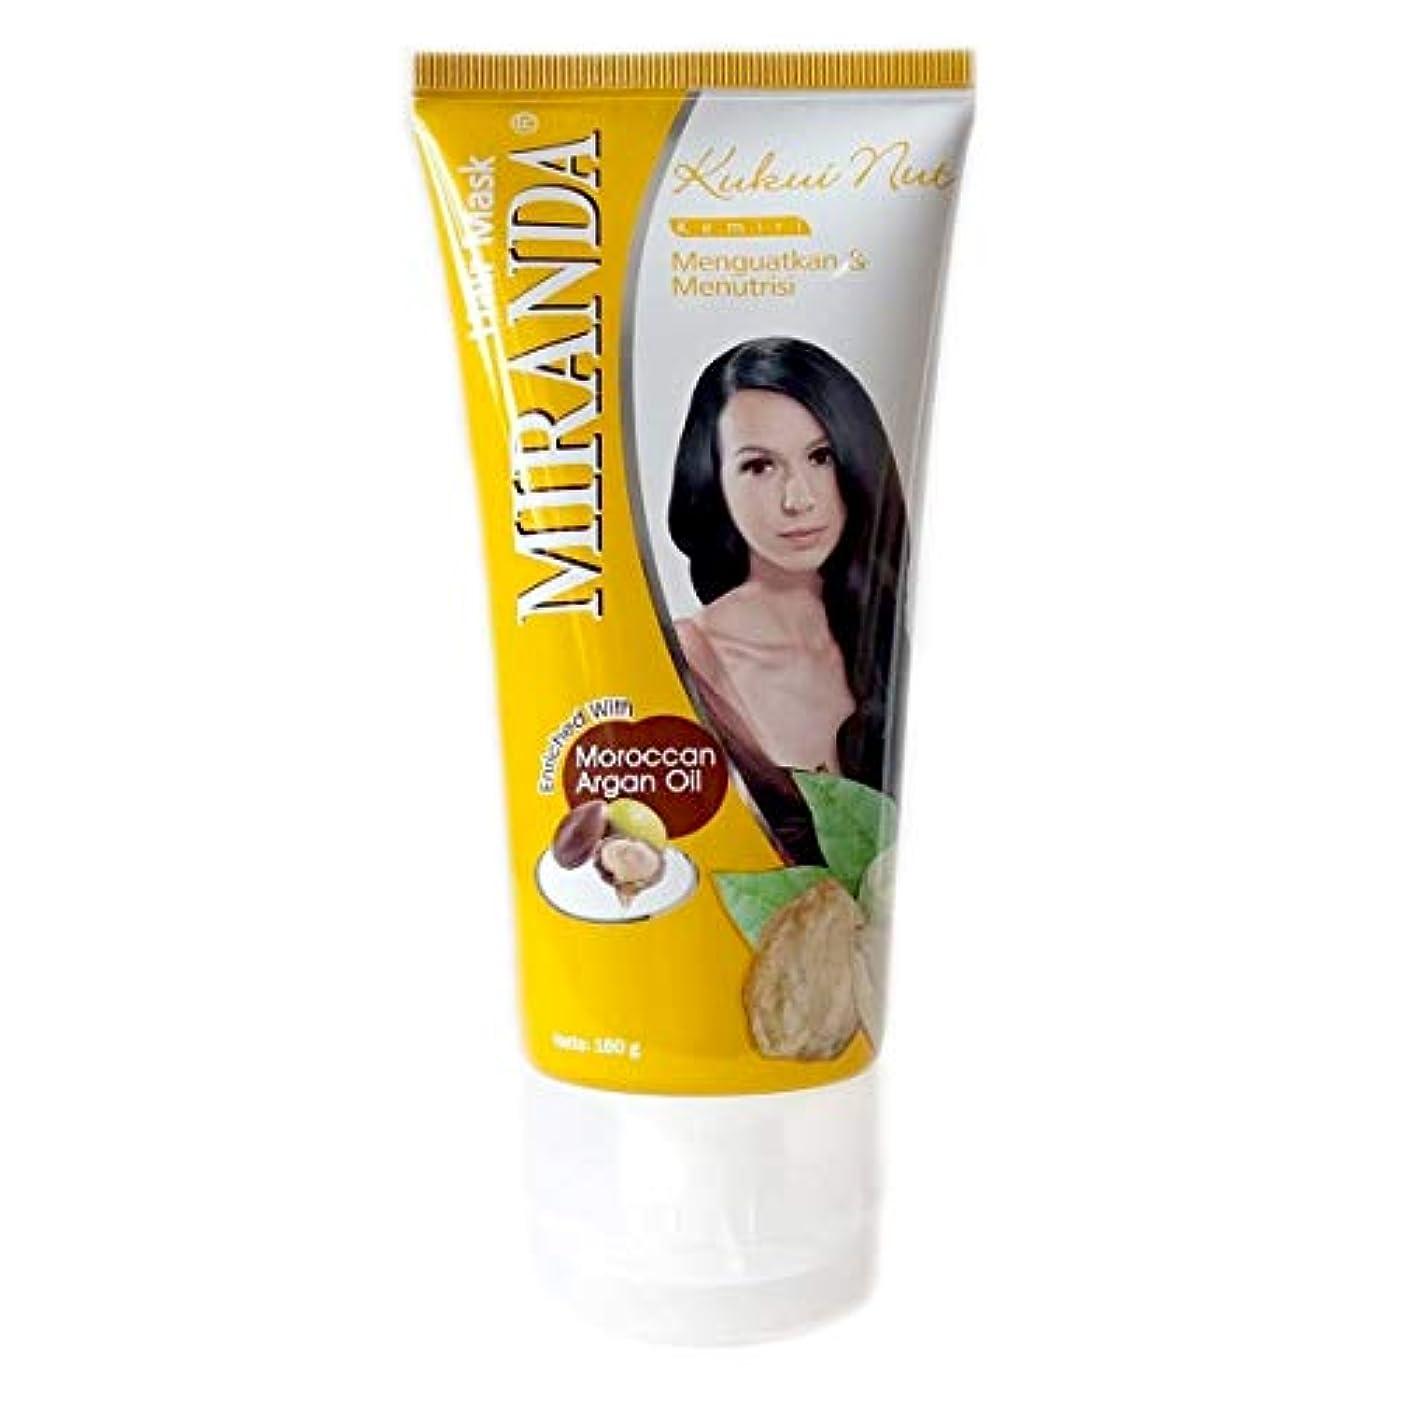 主ベーカリー麦芽MIRANDA ミランダ Hair Mask ヘアマスク モロッカンアルガンオイル主成分のヘアトリートメント 160g Kukui nut クミリ [海外直送品]